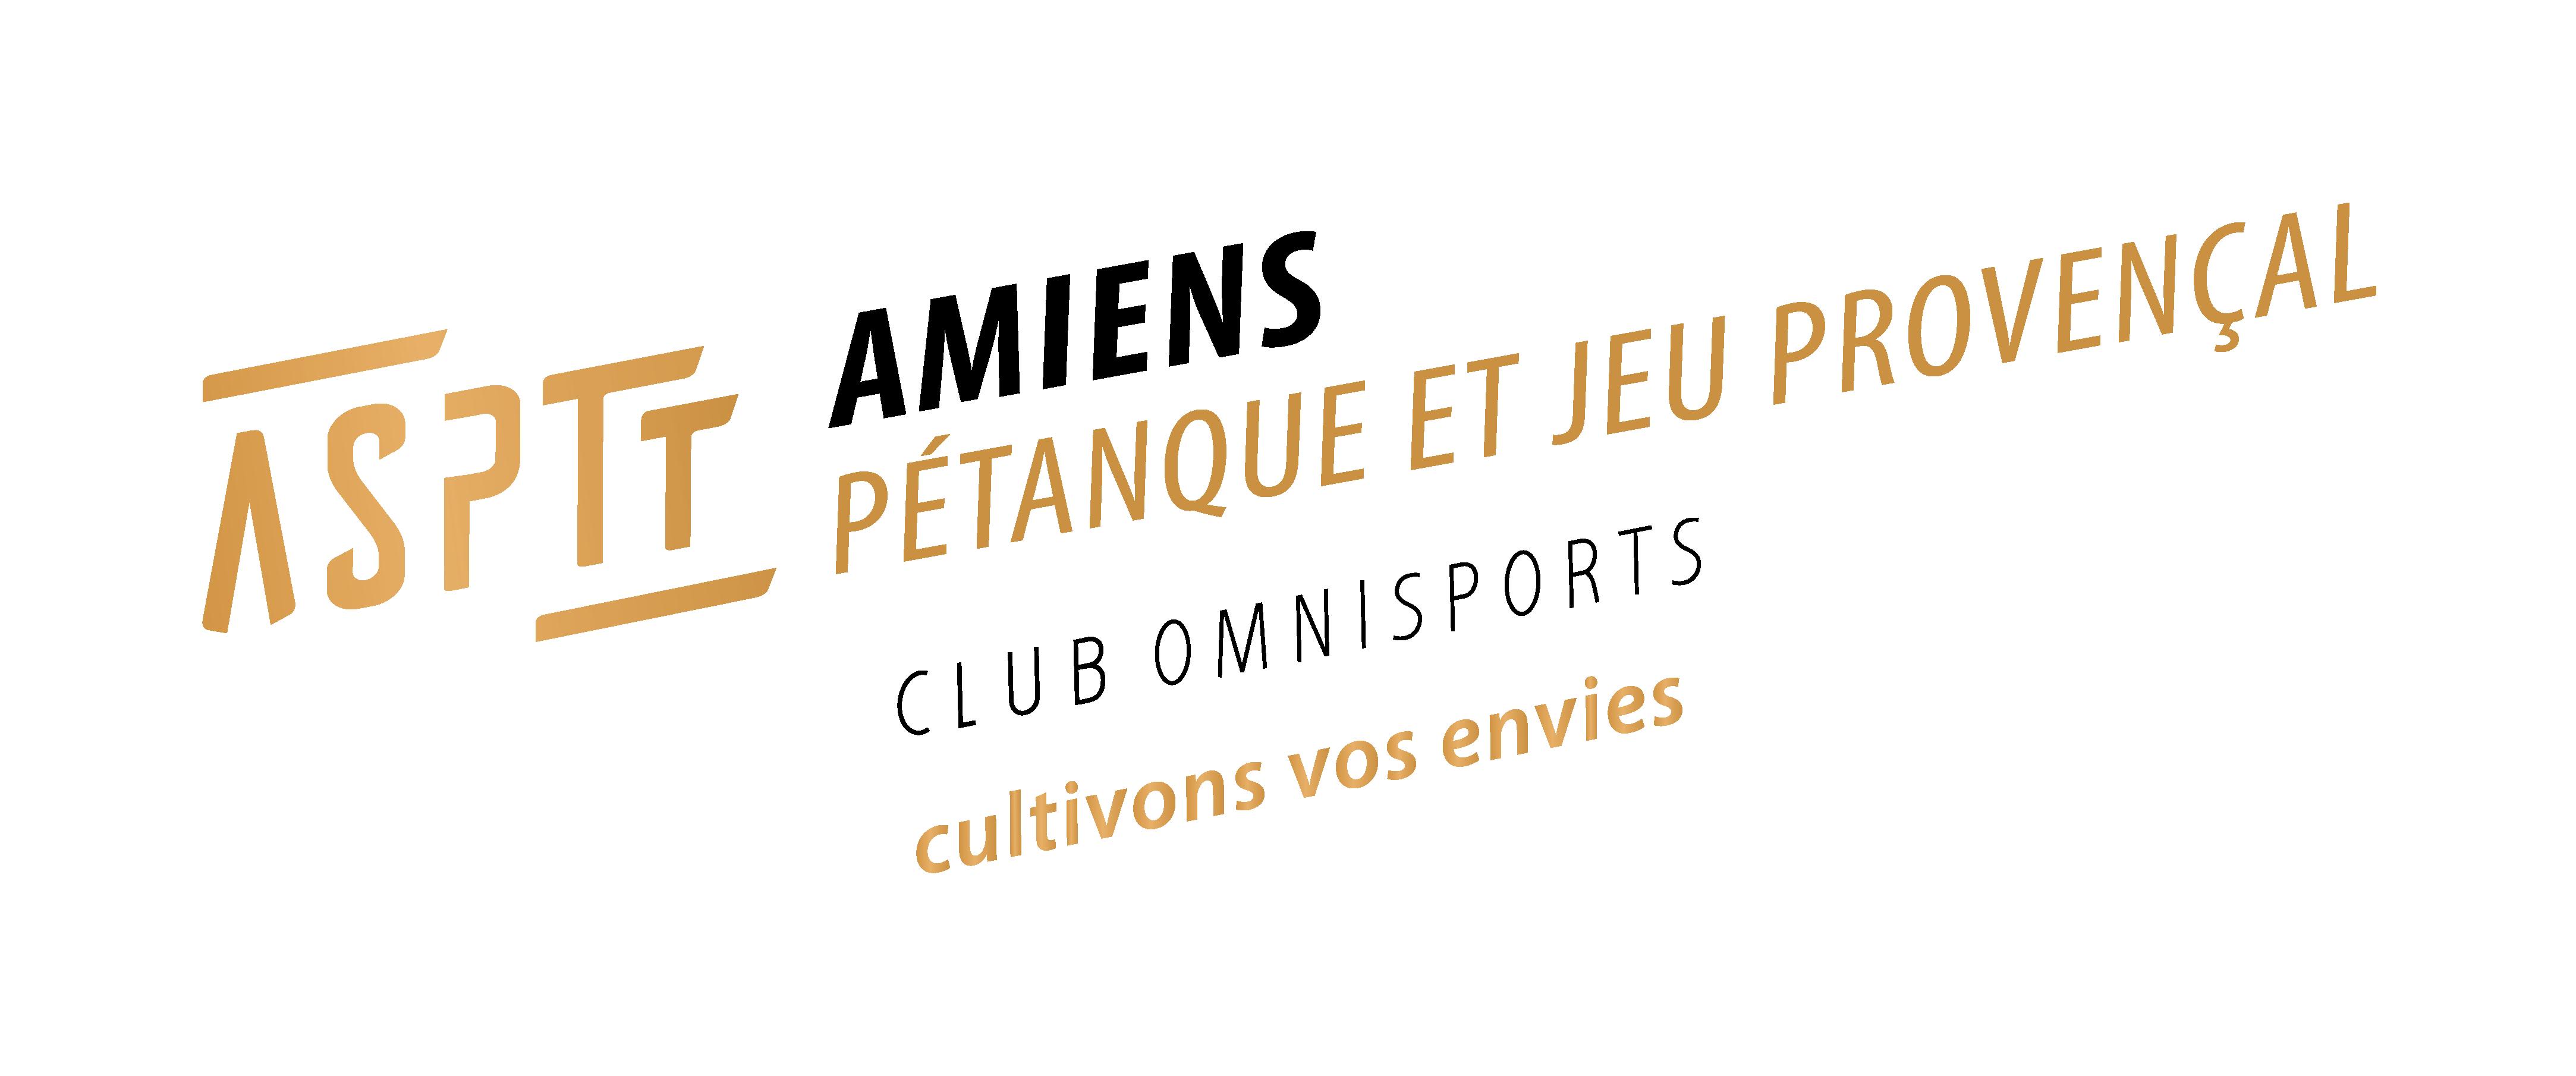 AVEC L'ASPTT PETANQUE, VIVONS NOTRE PASSION !